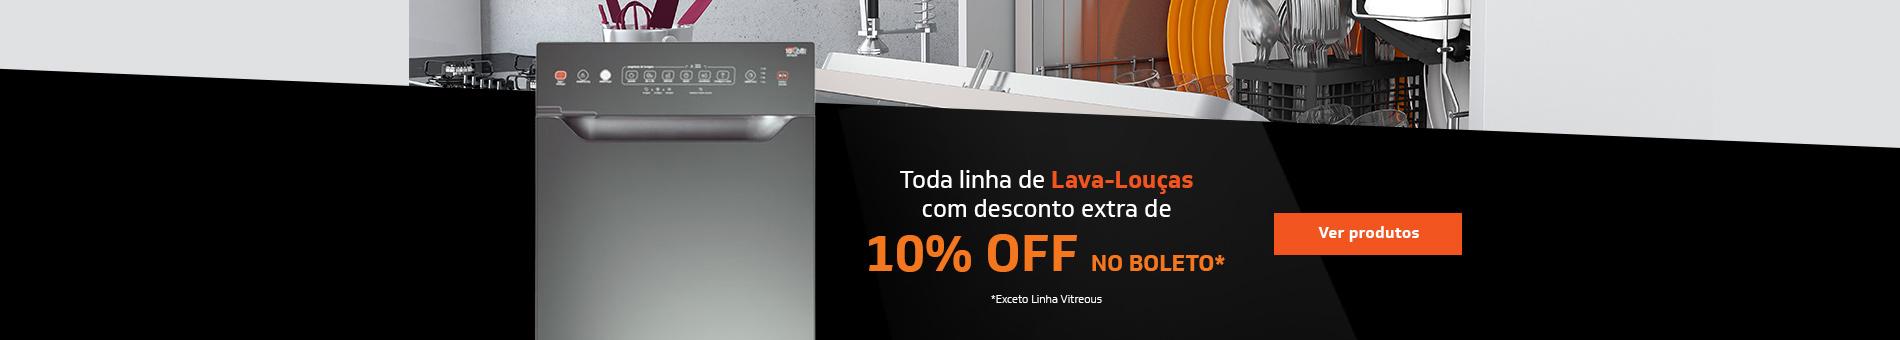 Promoção Interna - 890 - festivaldeofertas_lavaloucas_home5_23092016 - lavaloucas - 5